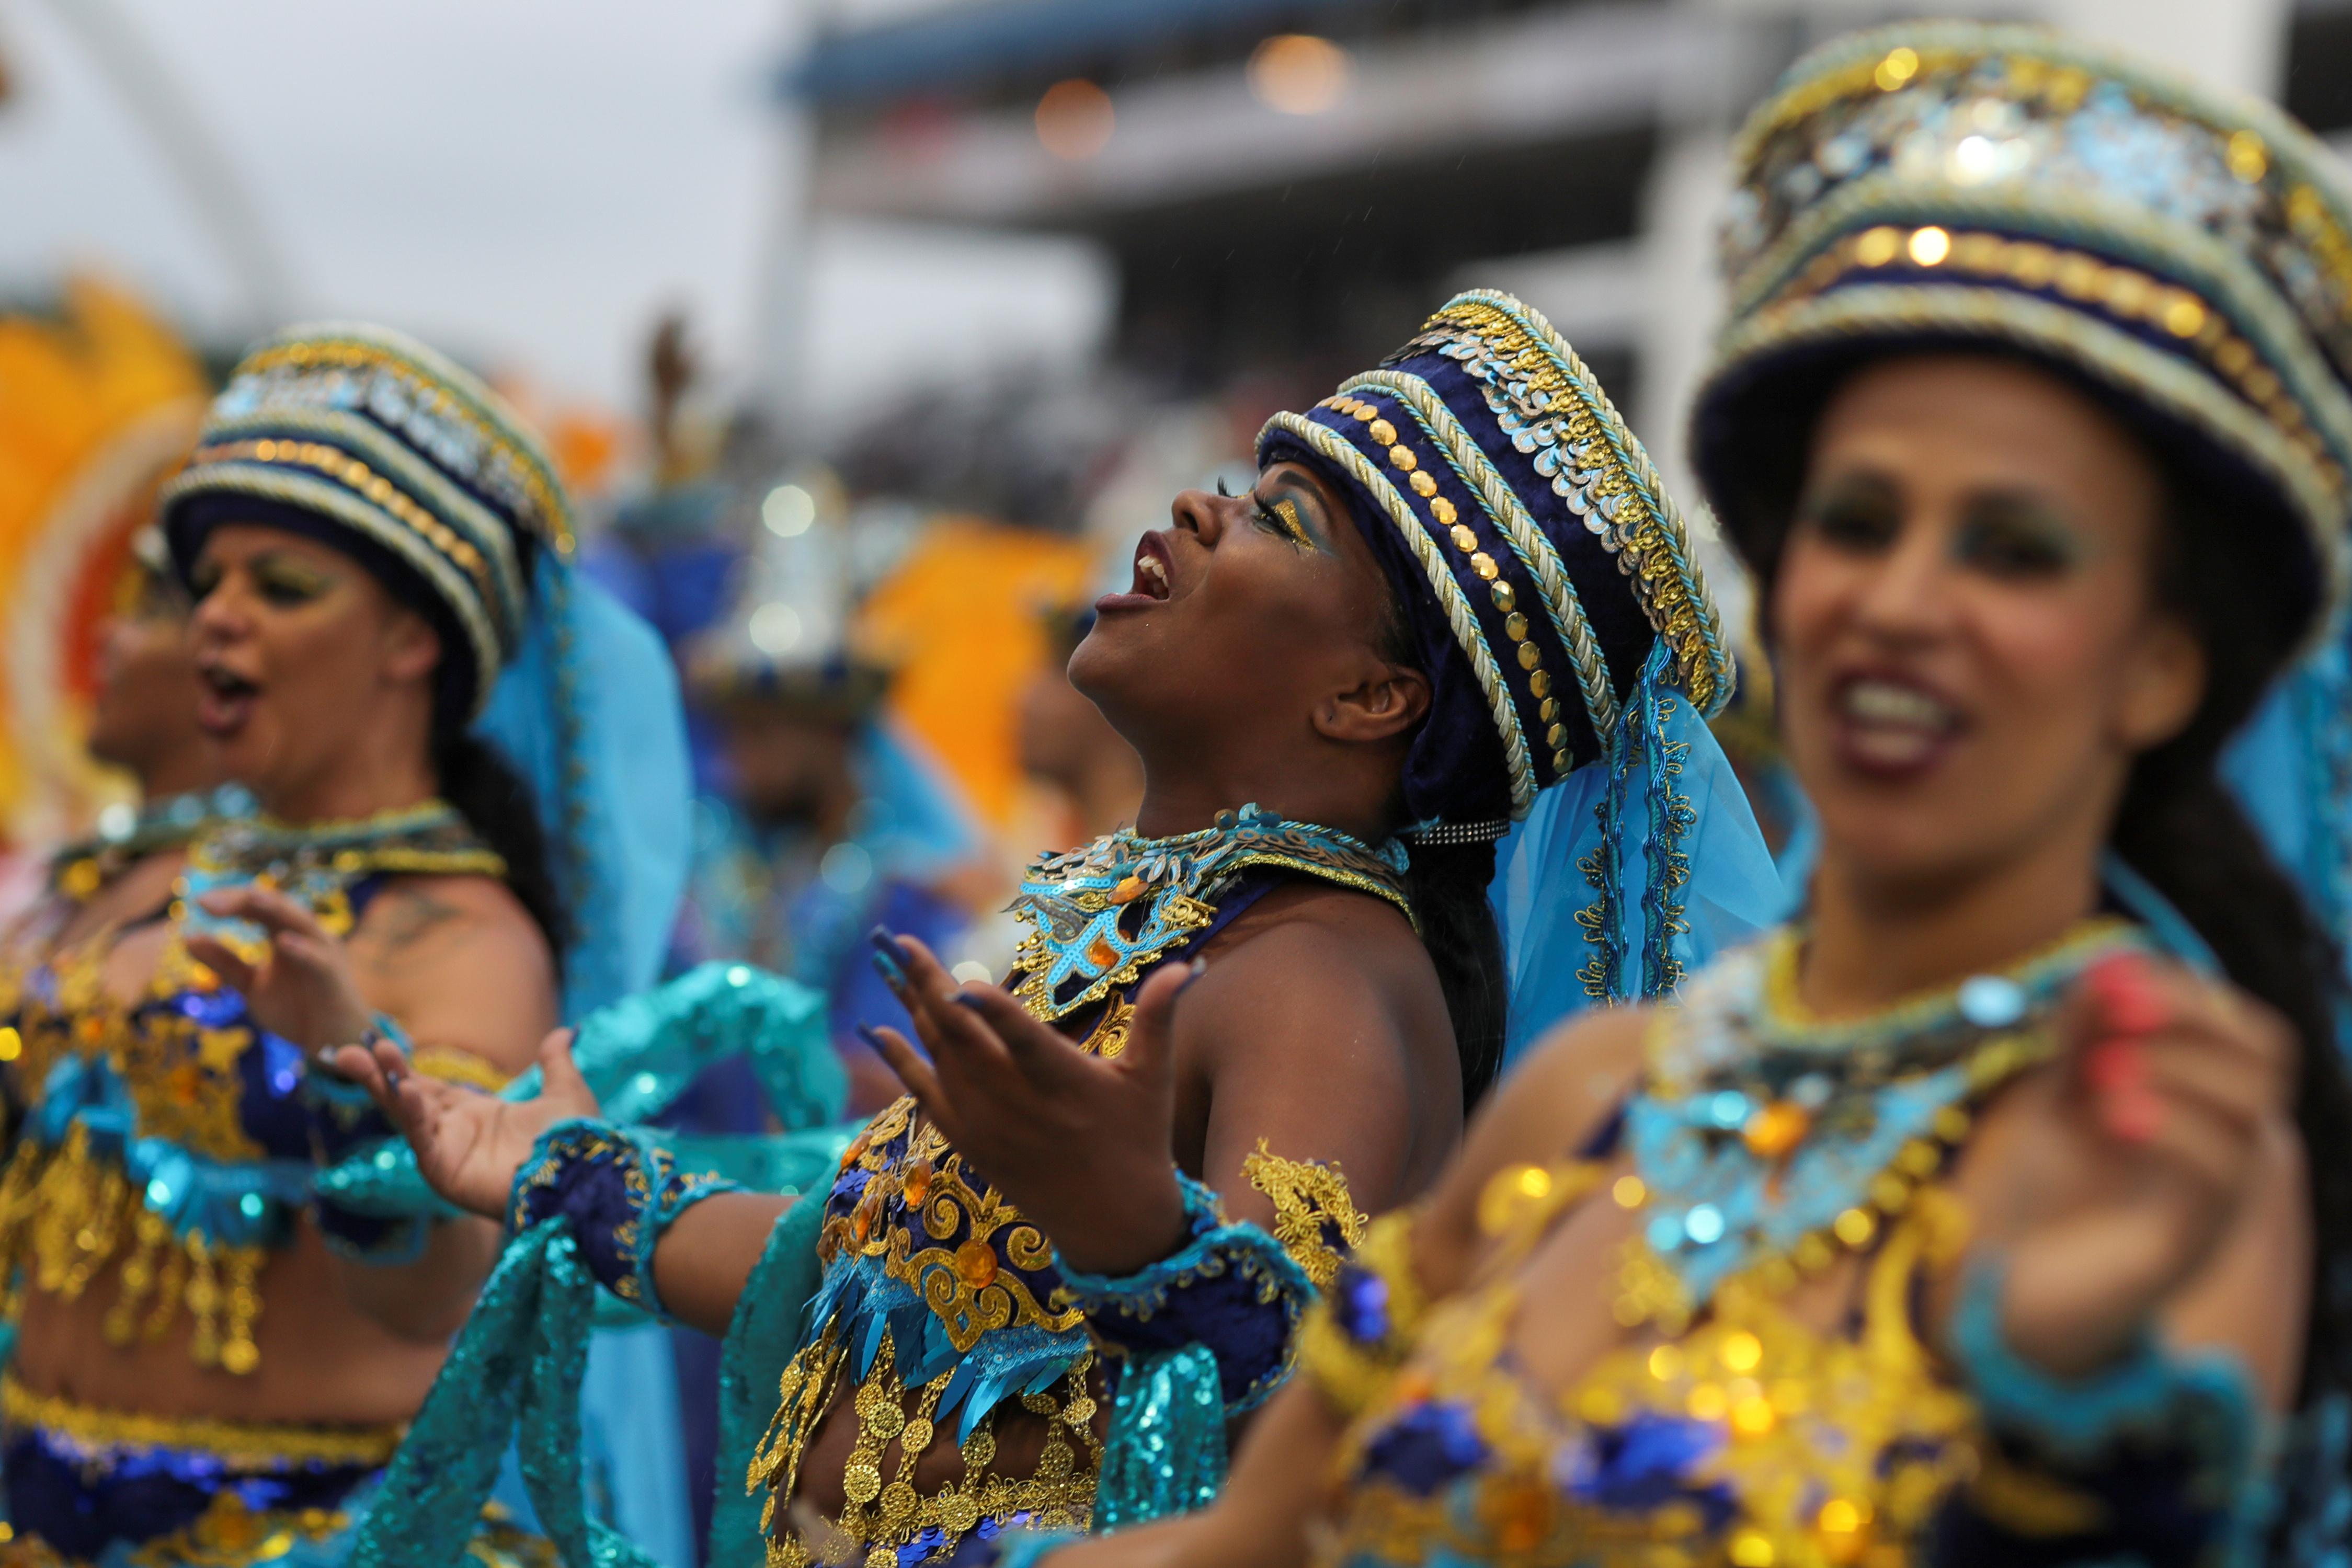 Las escuelas de samba agitaron la ciudad brasileña de San Pablo (REUTERS/Amanda Perobelli)